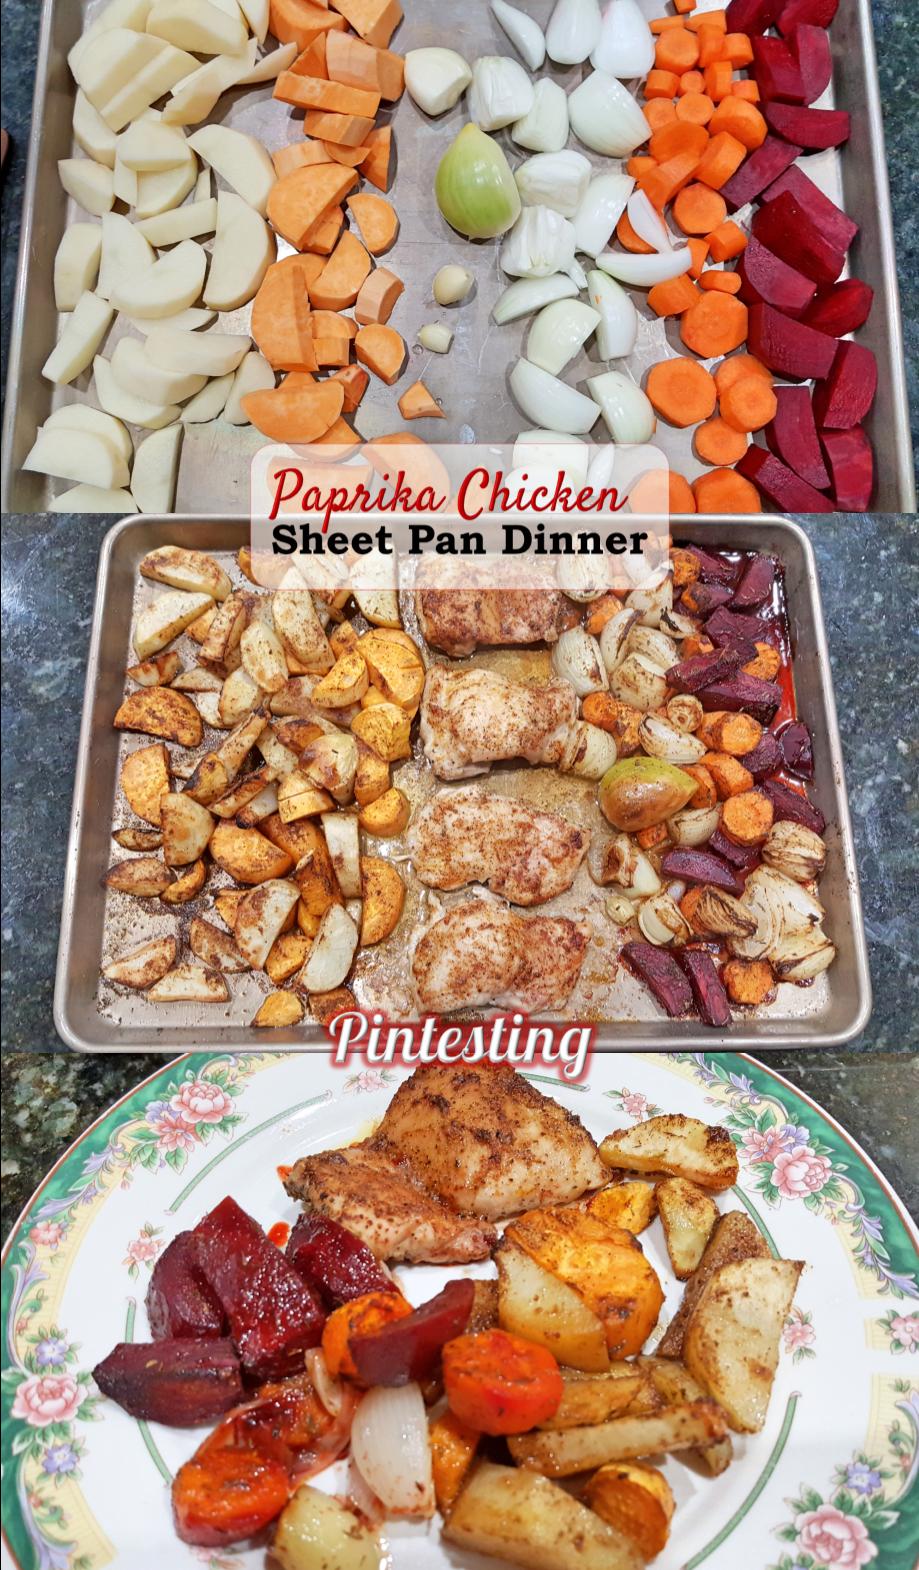 Pintesting Paprika Chicken Sheet Pan Dinner